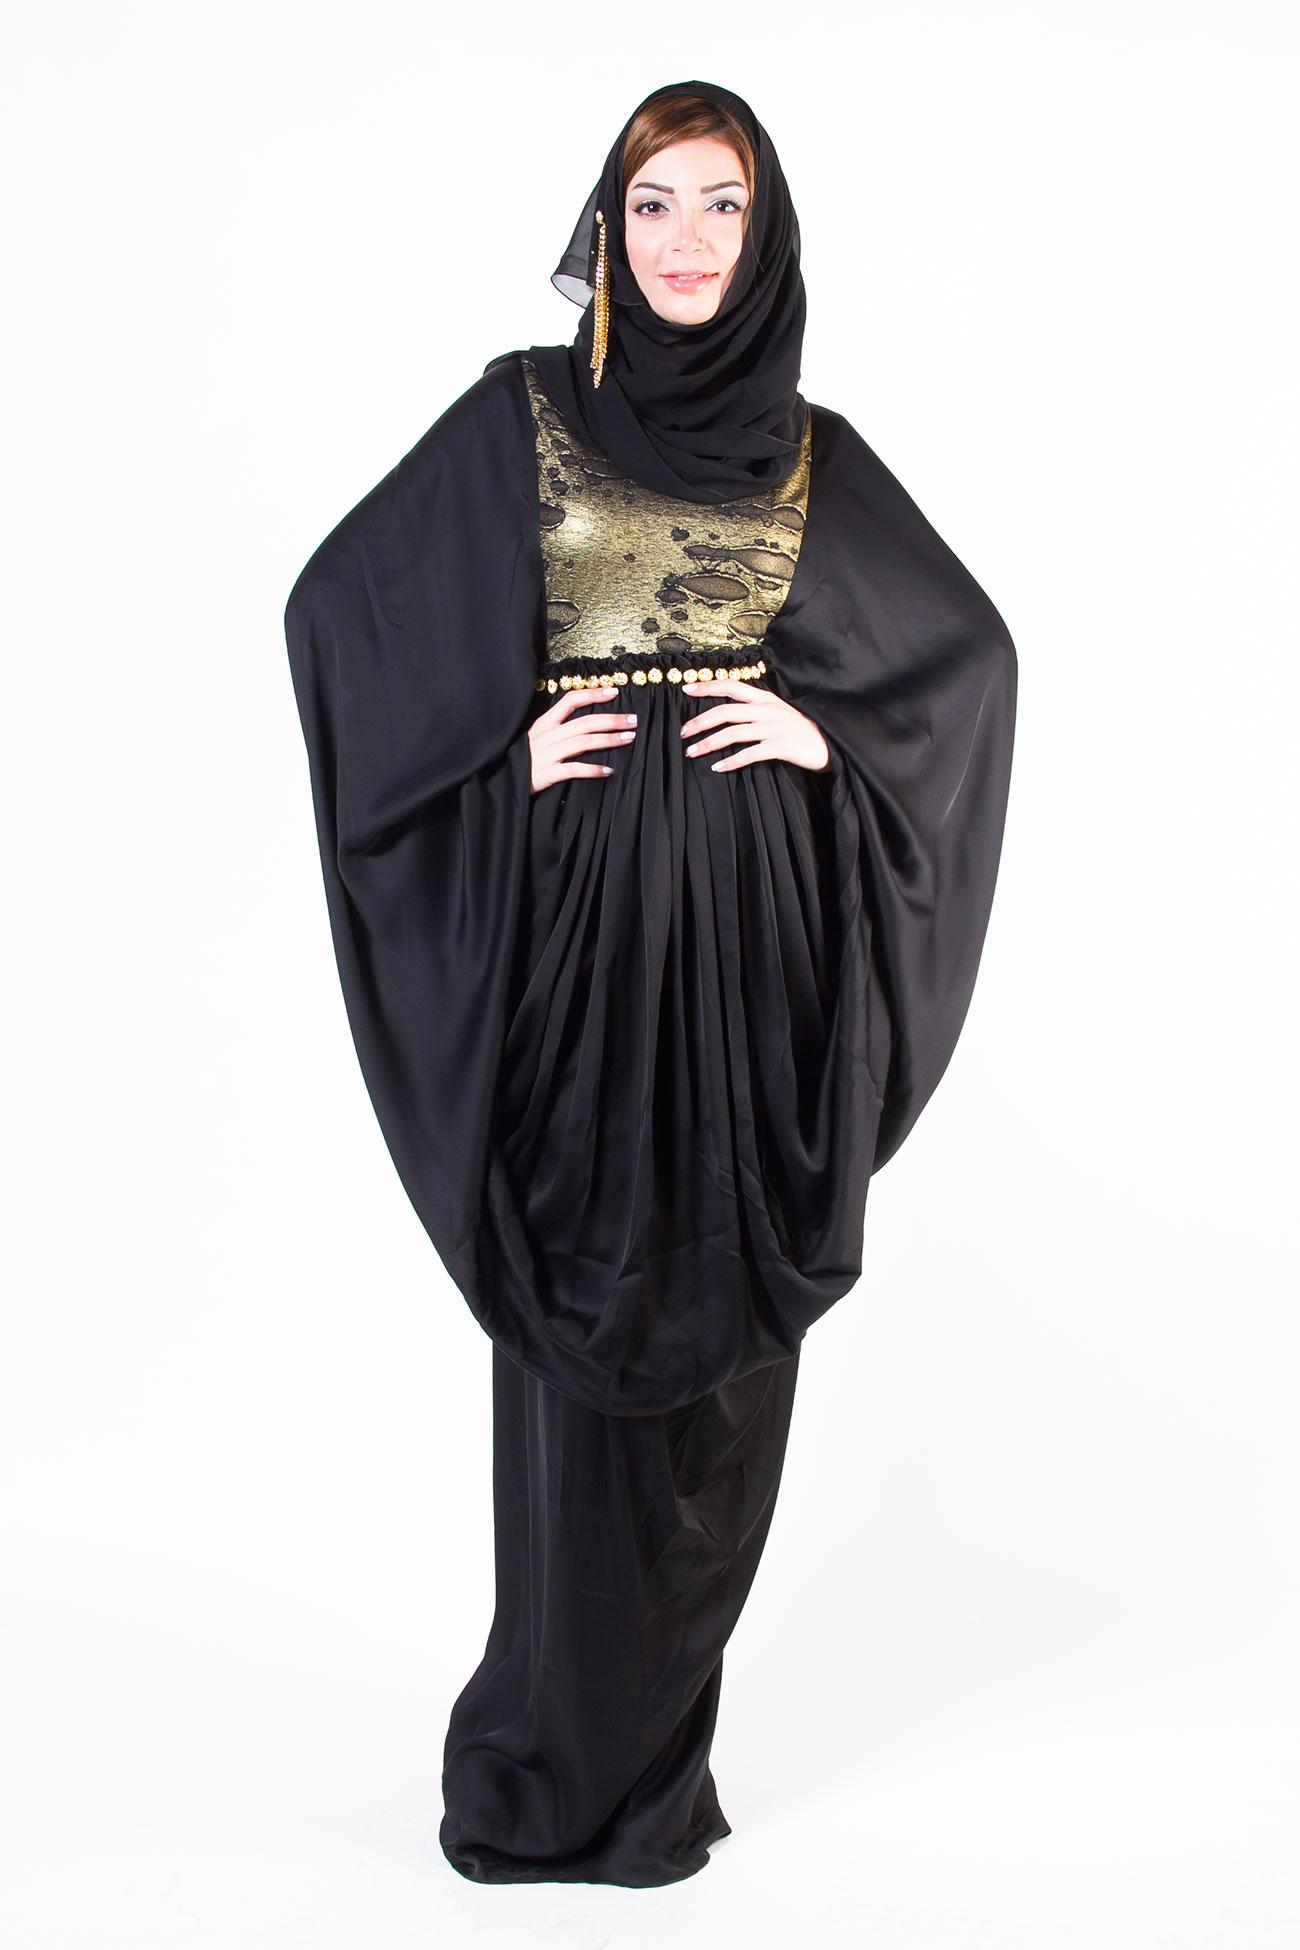 بالصور عبايات سعودية للبيع